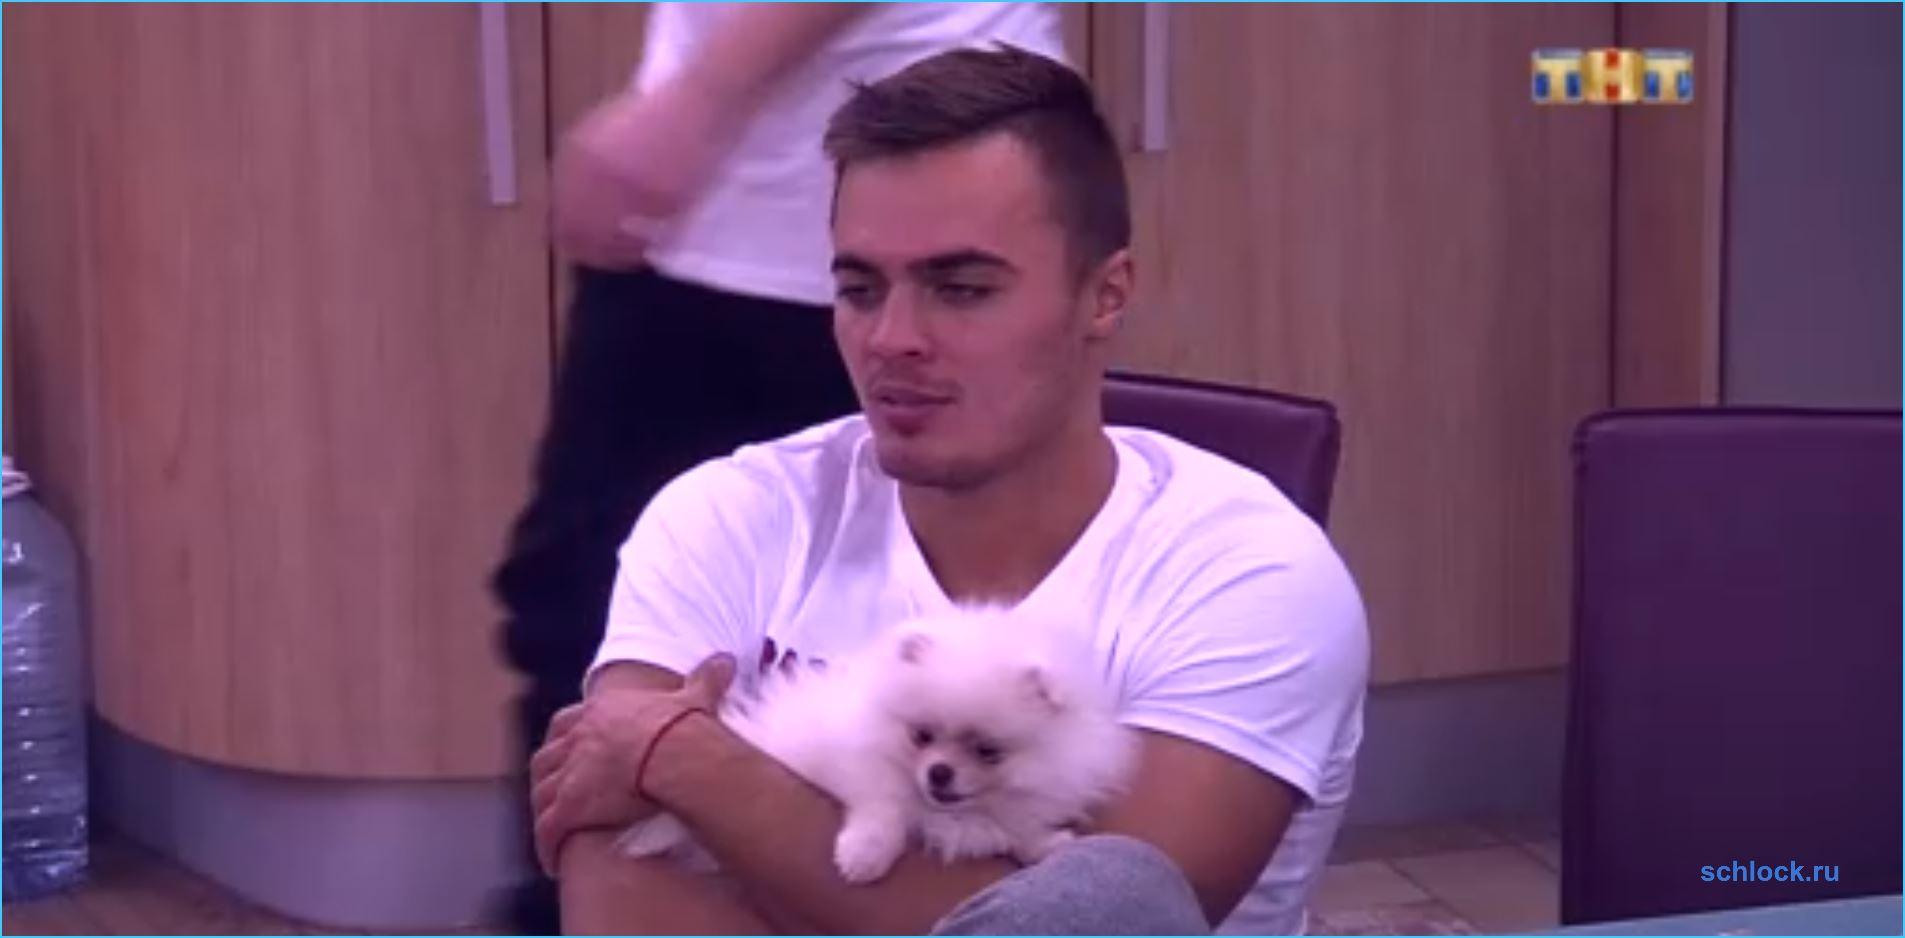 Зачем Донцовой собака?